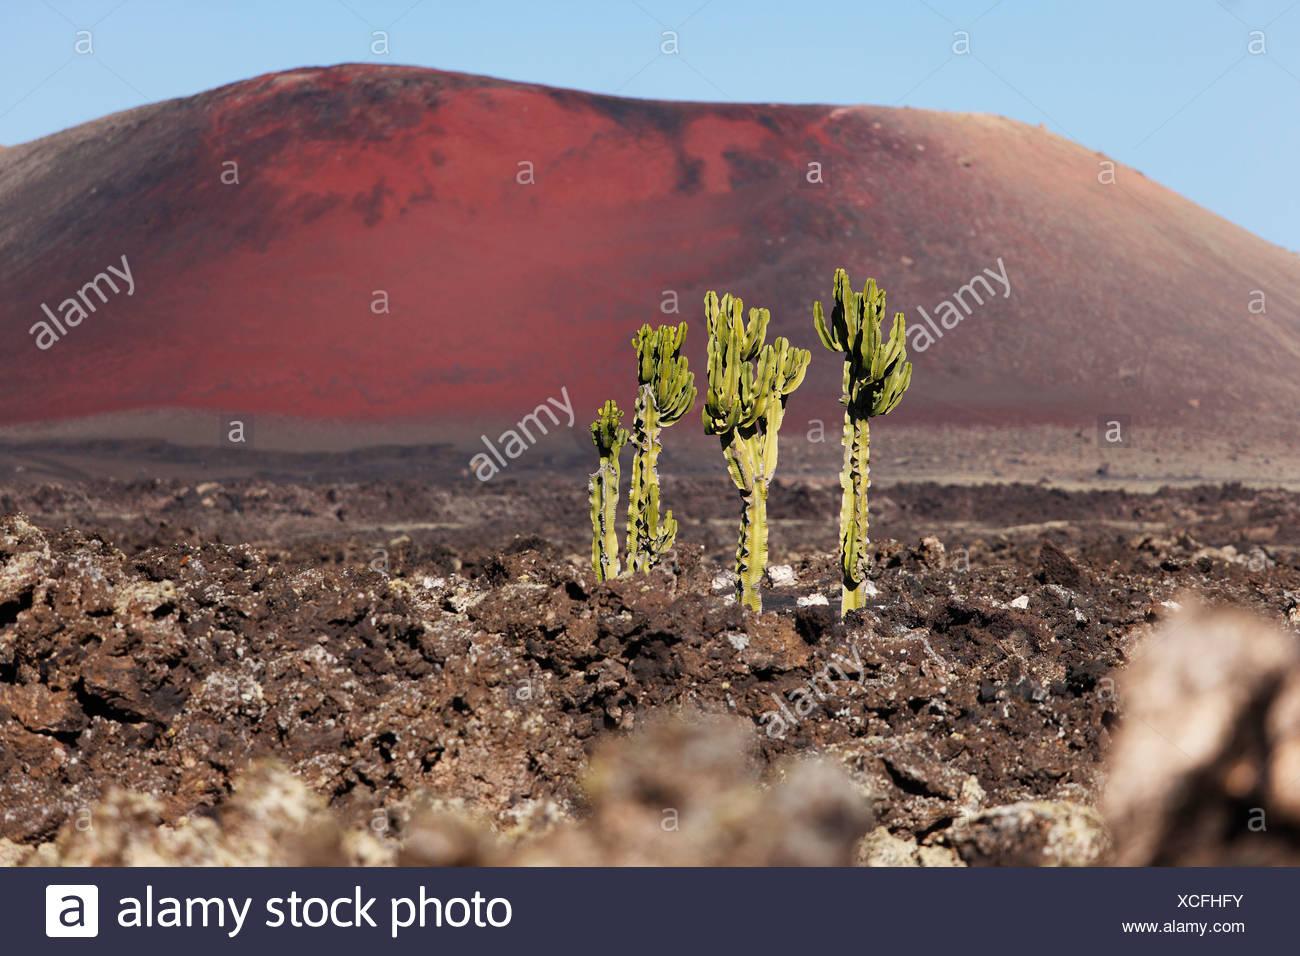 Spurge (Euphorbia) in a lava field, La Geria, Caldera Colorada volcano, Lanzarote, Canary Islands, Spain, Europe - Stock Image